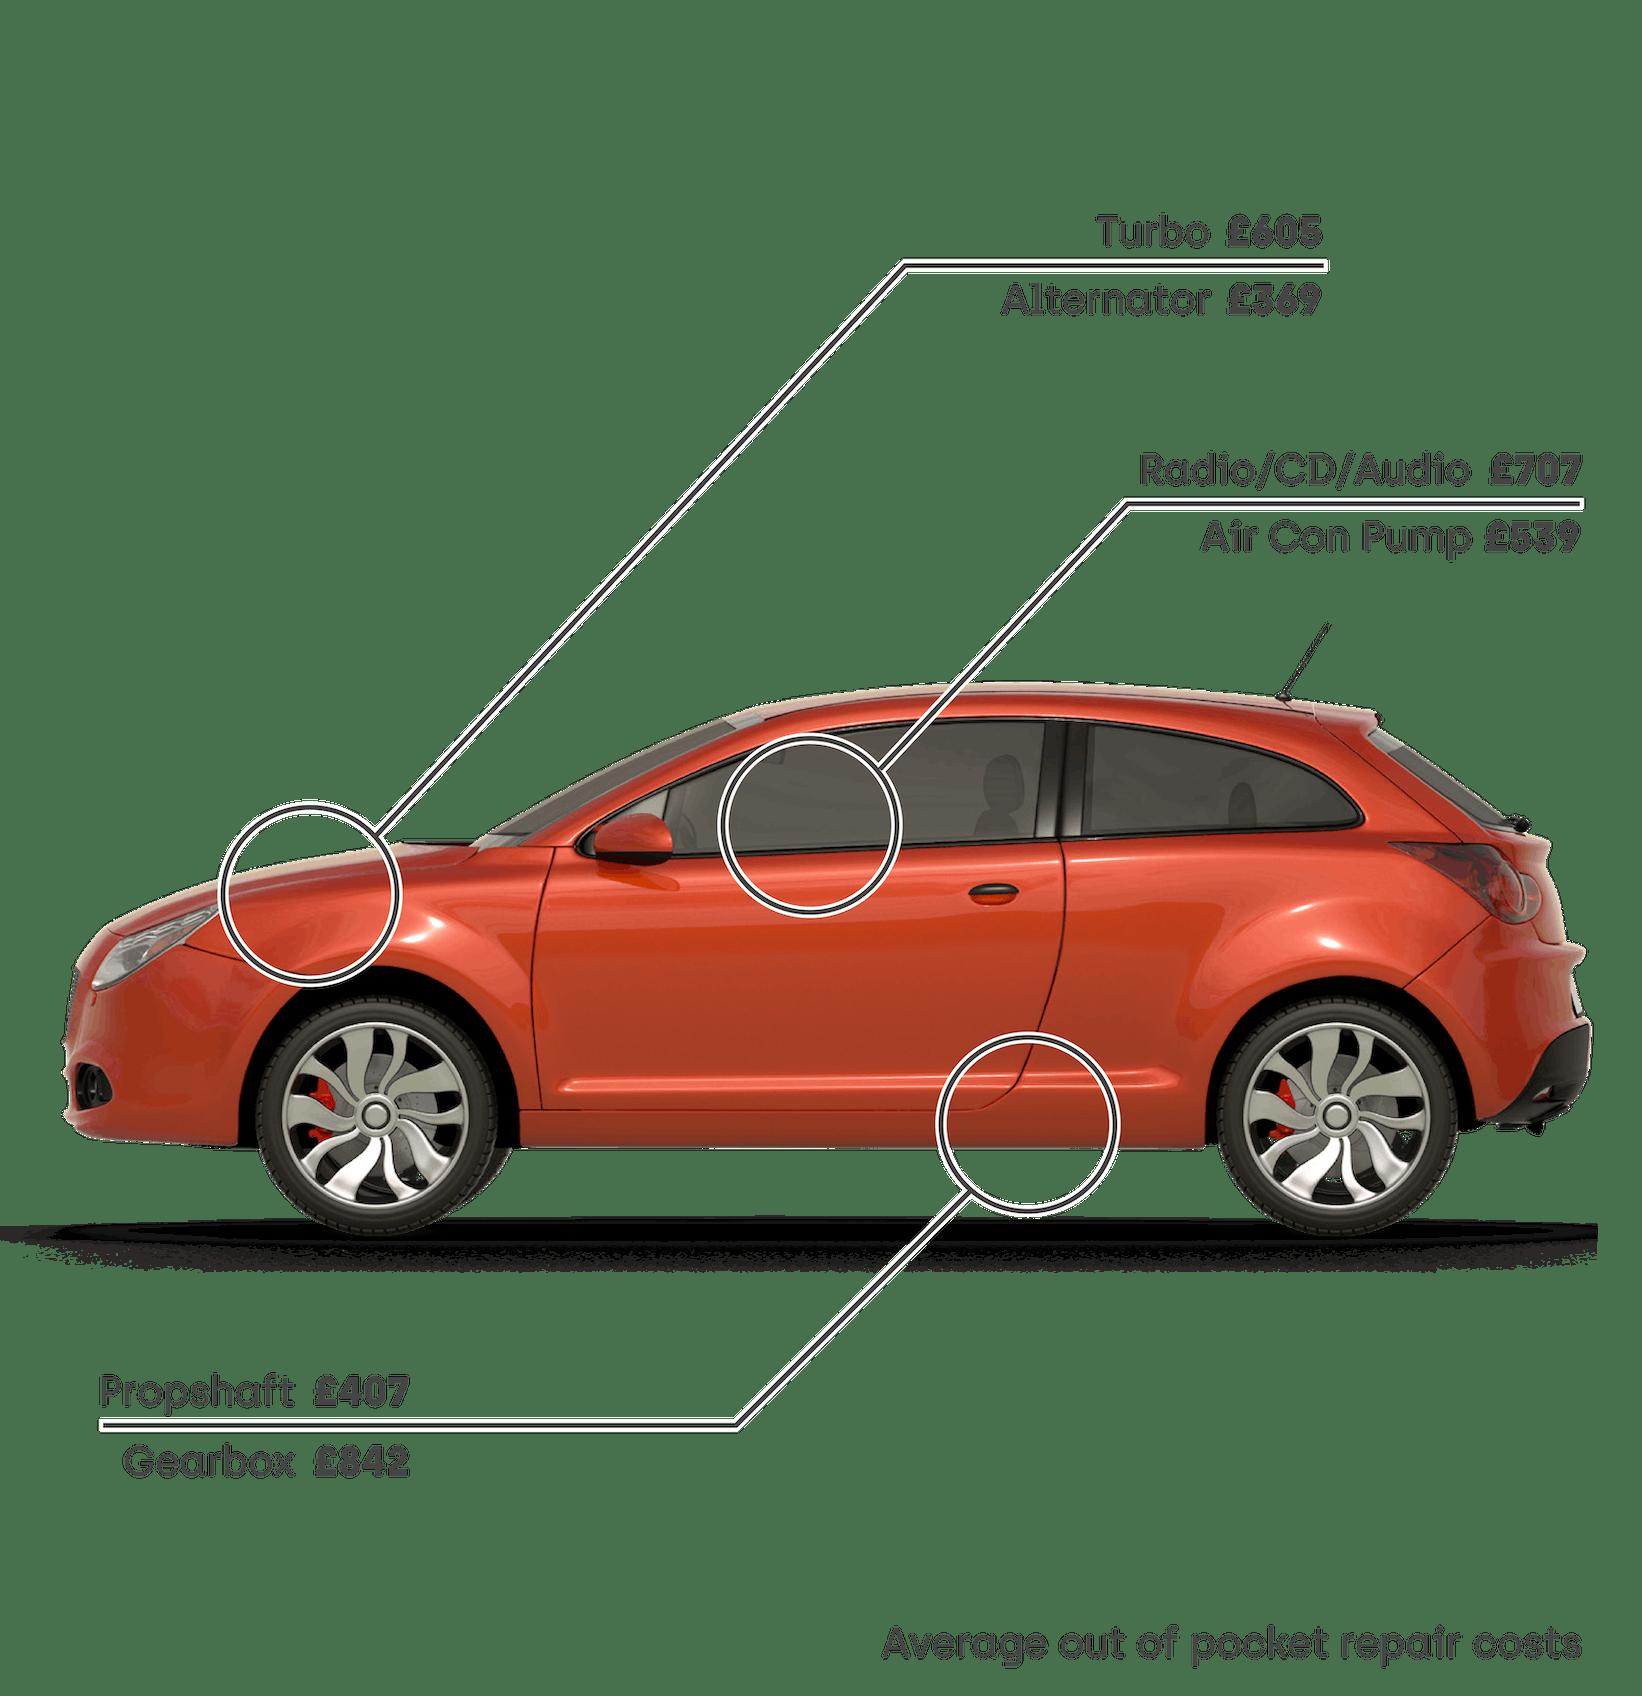 Average repair costs